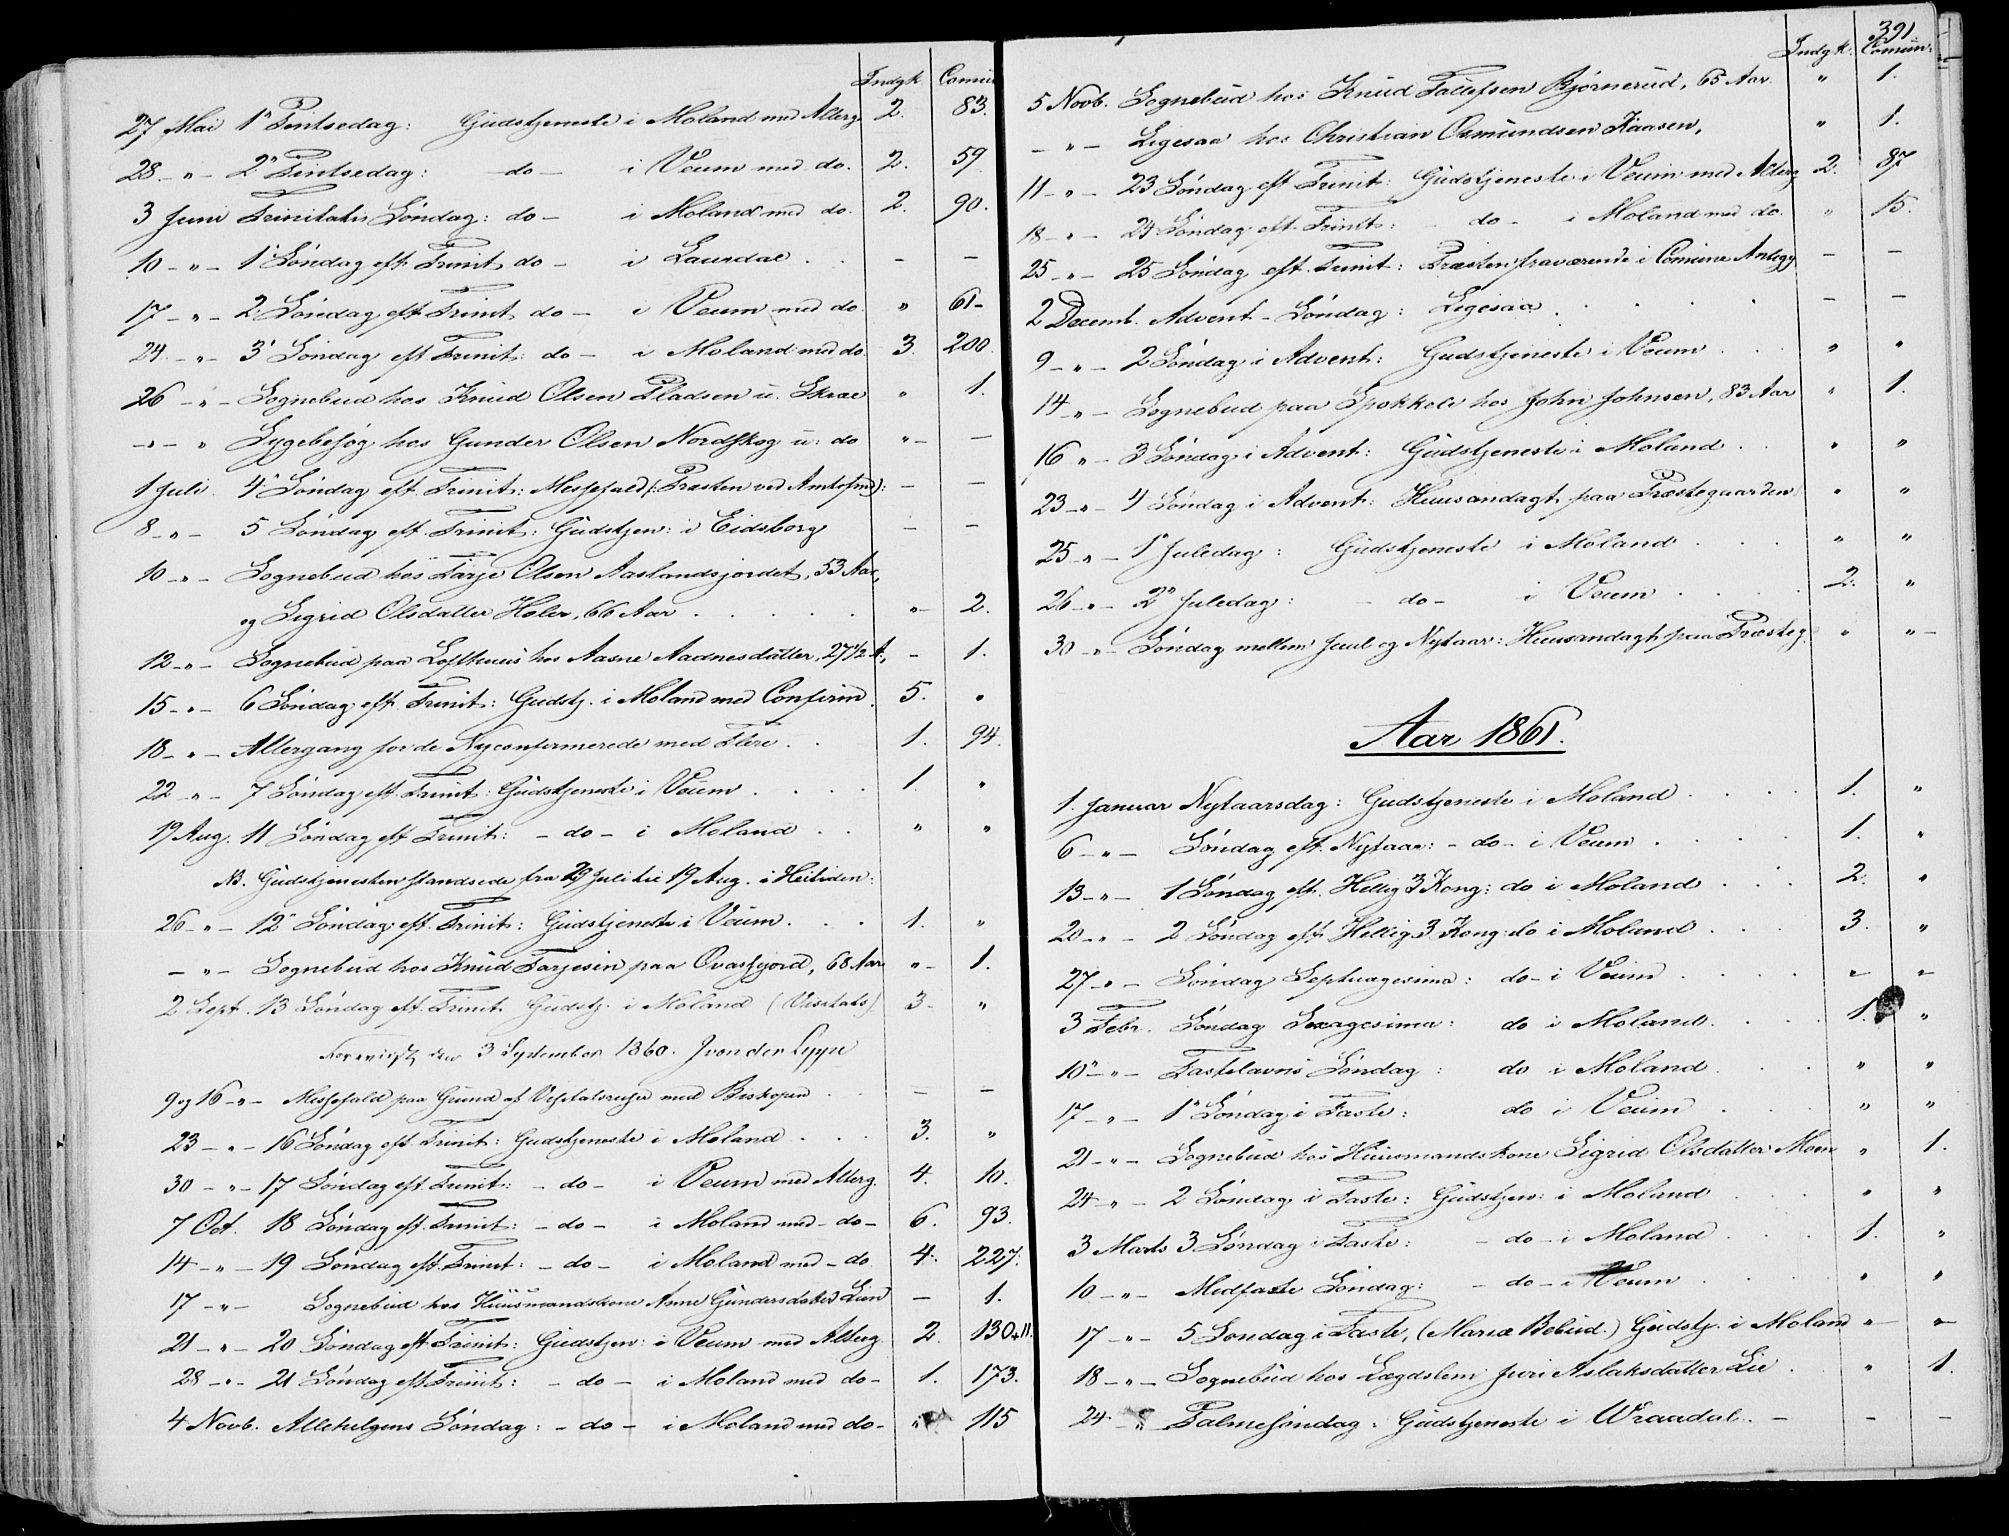 SAKO, Fyresdal kirkebøker, F/Fa/L0005: Ministerialbok nr. I 5, 1855-1871, s. 391